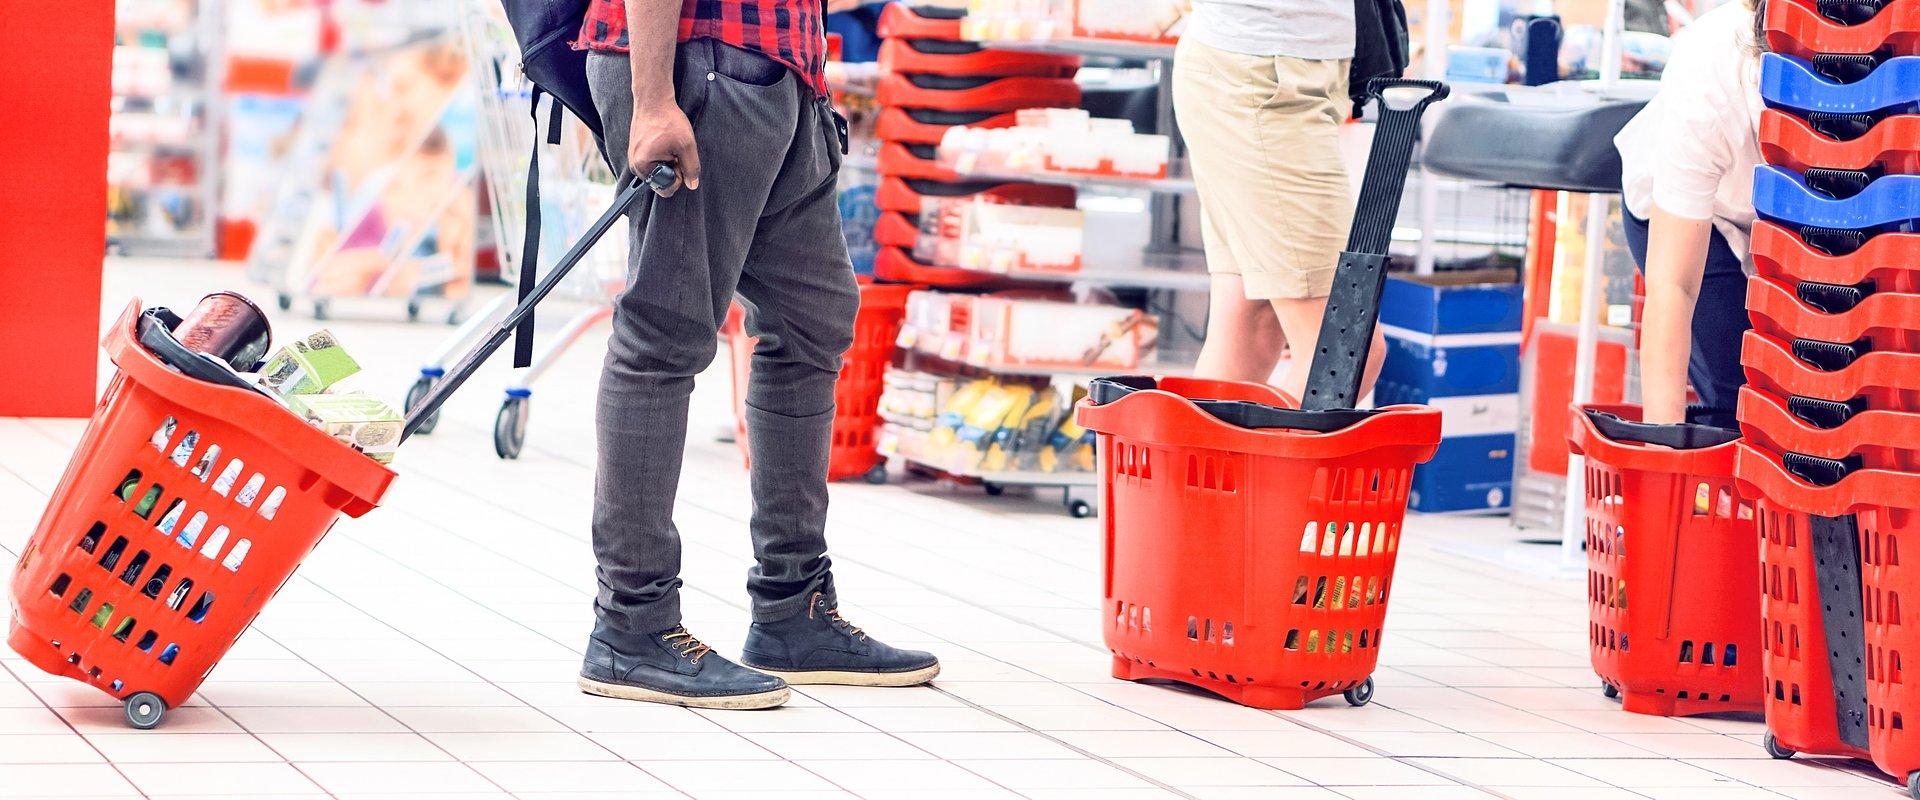 Inflacja solidnie w górę - do 3,3% r/r. Bazowa rośnie powyżej 4% r/r